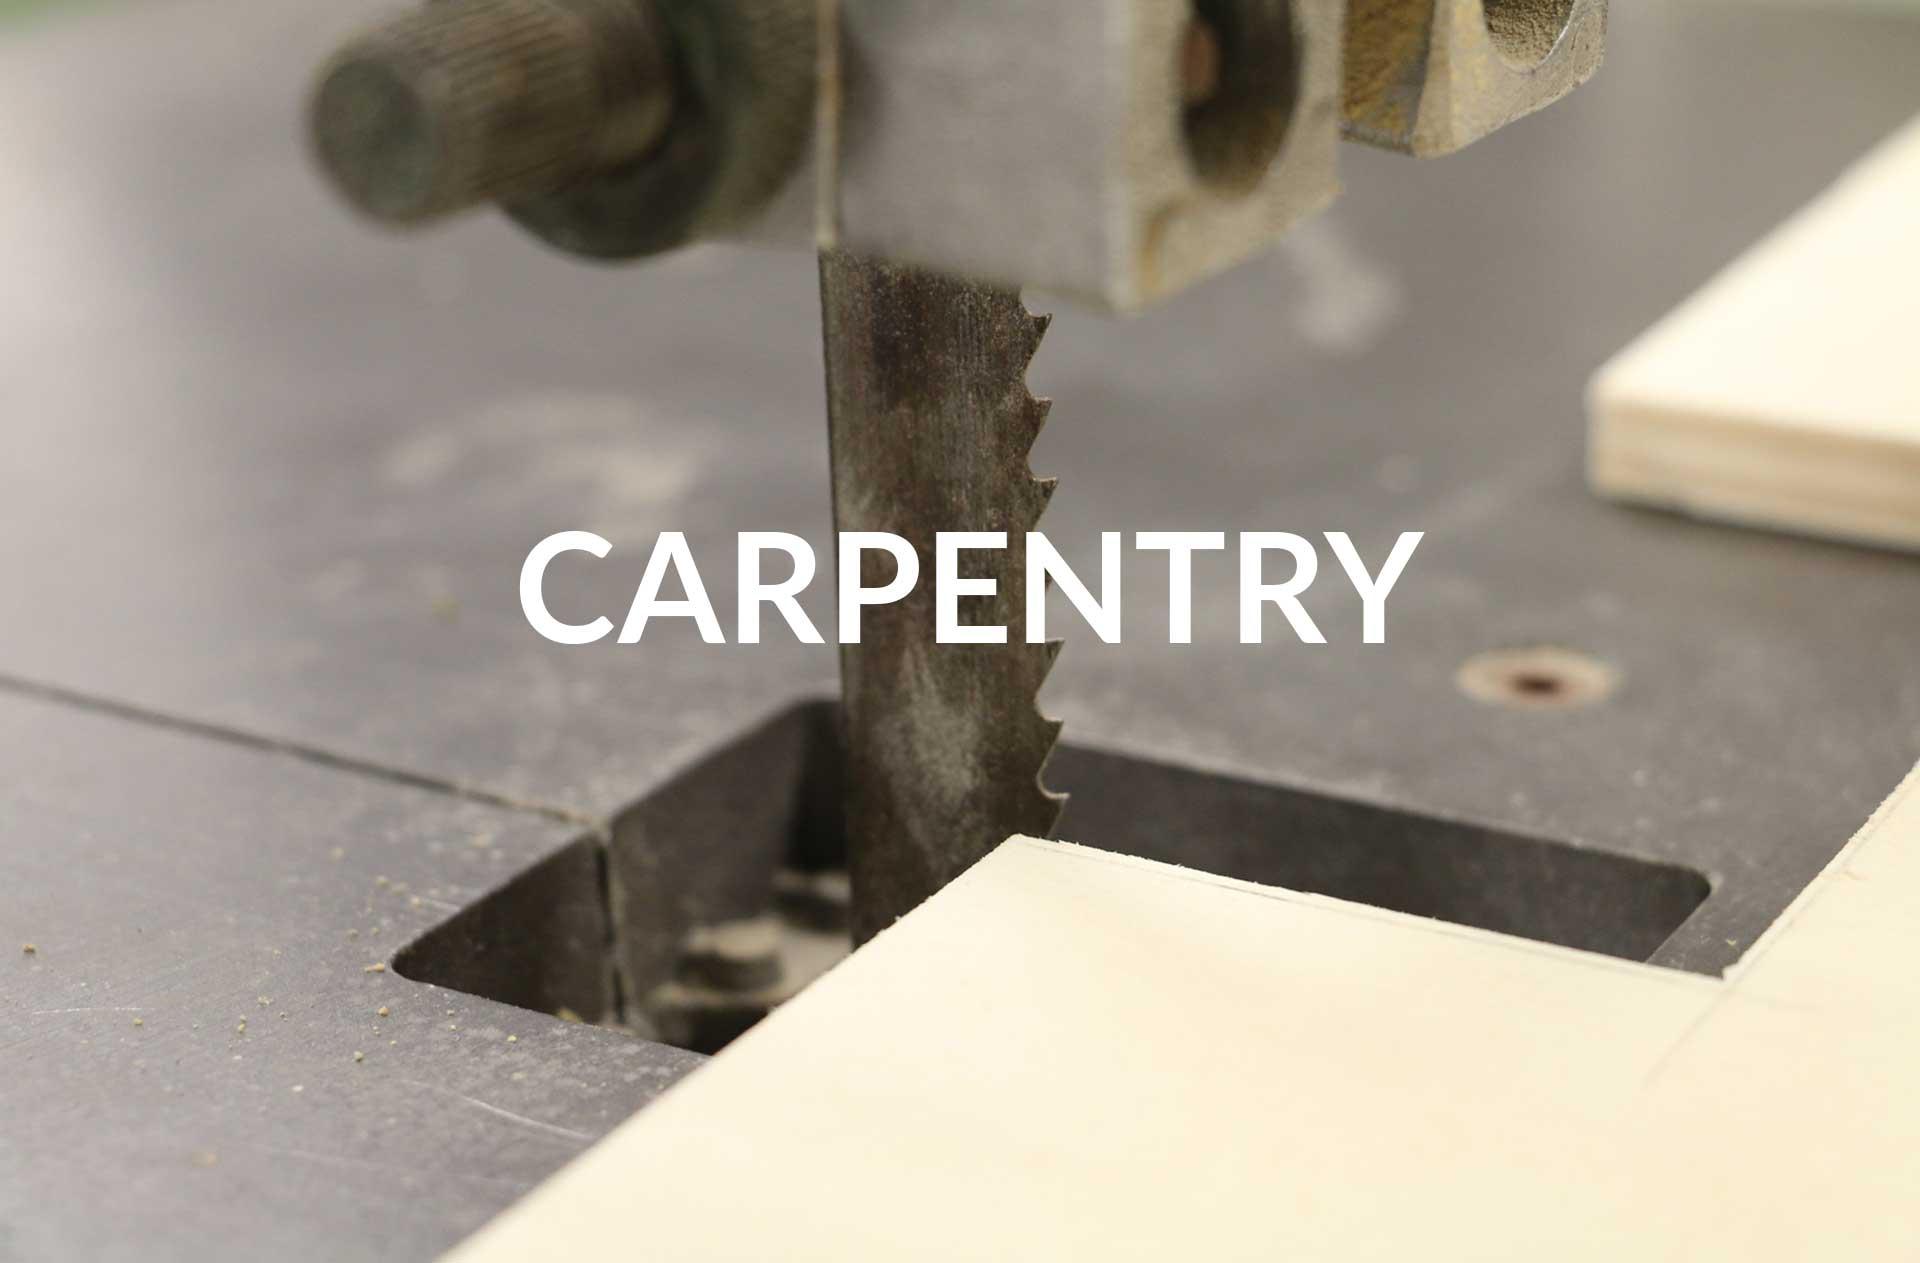 artwork carpentry in Paris